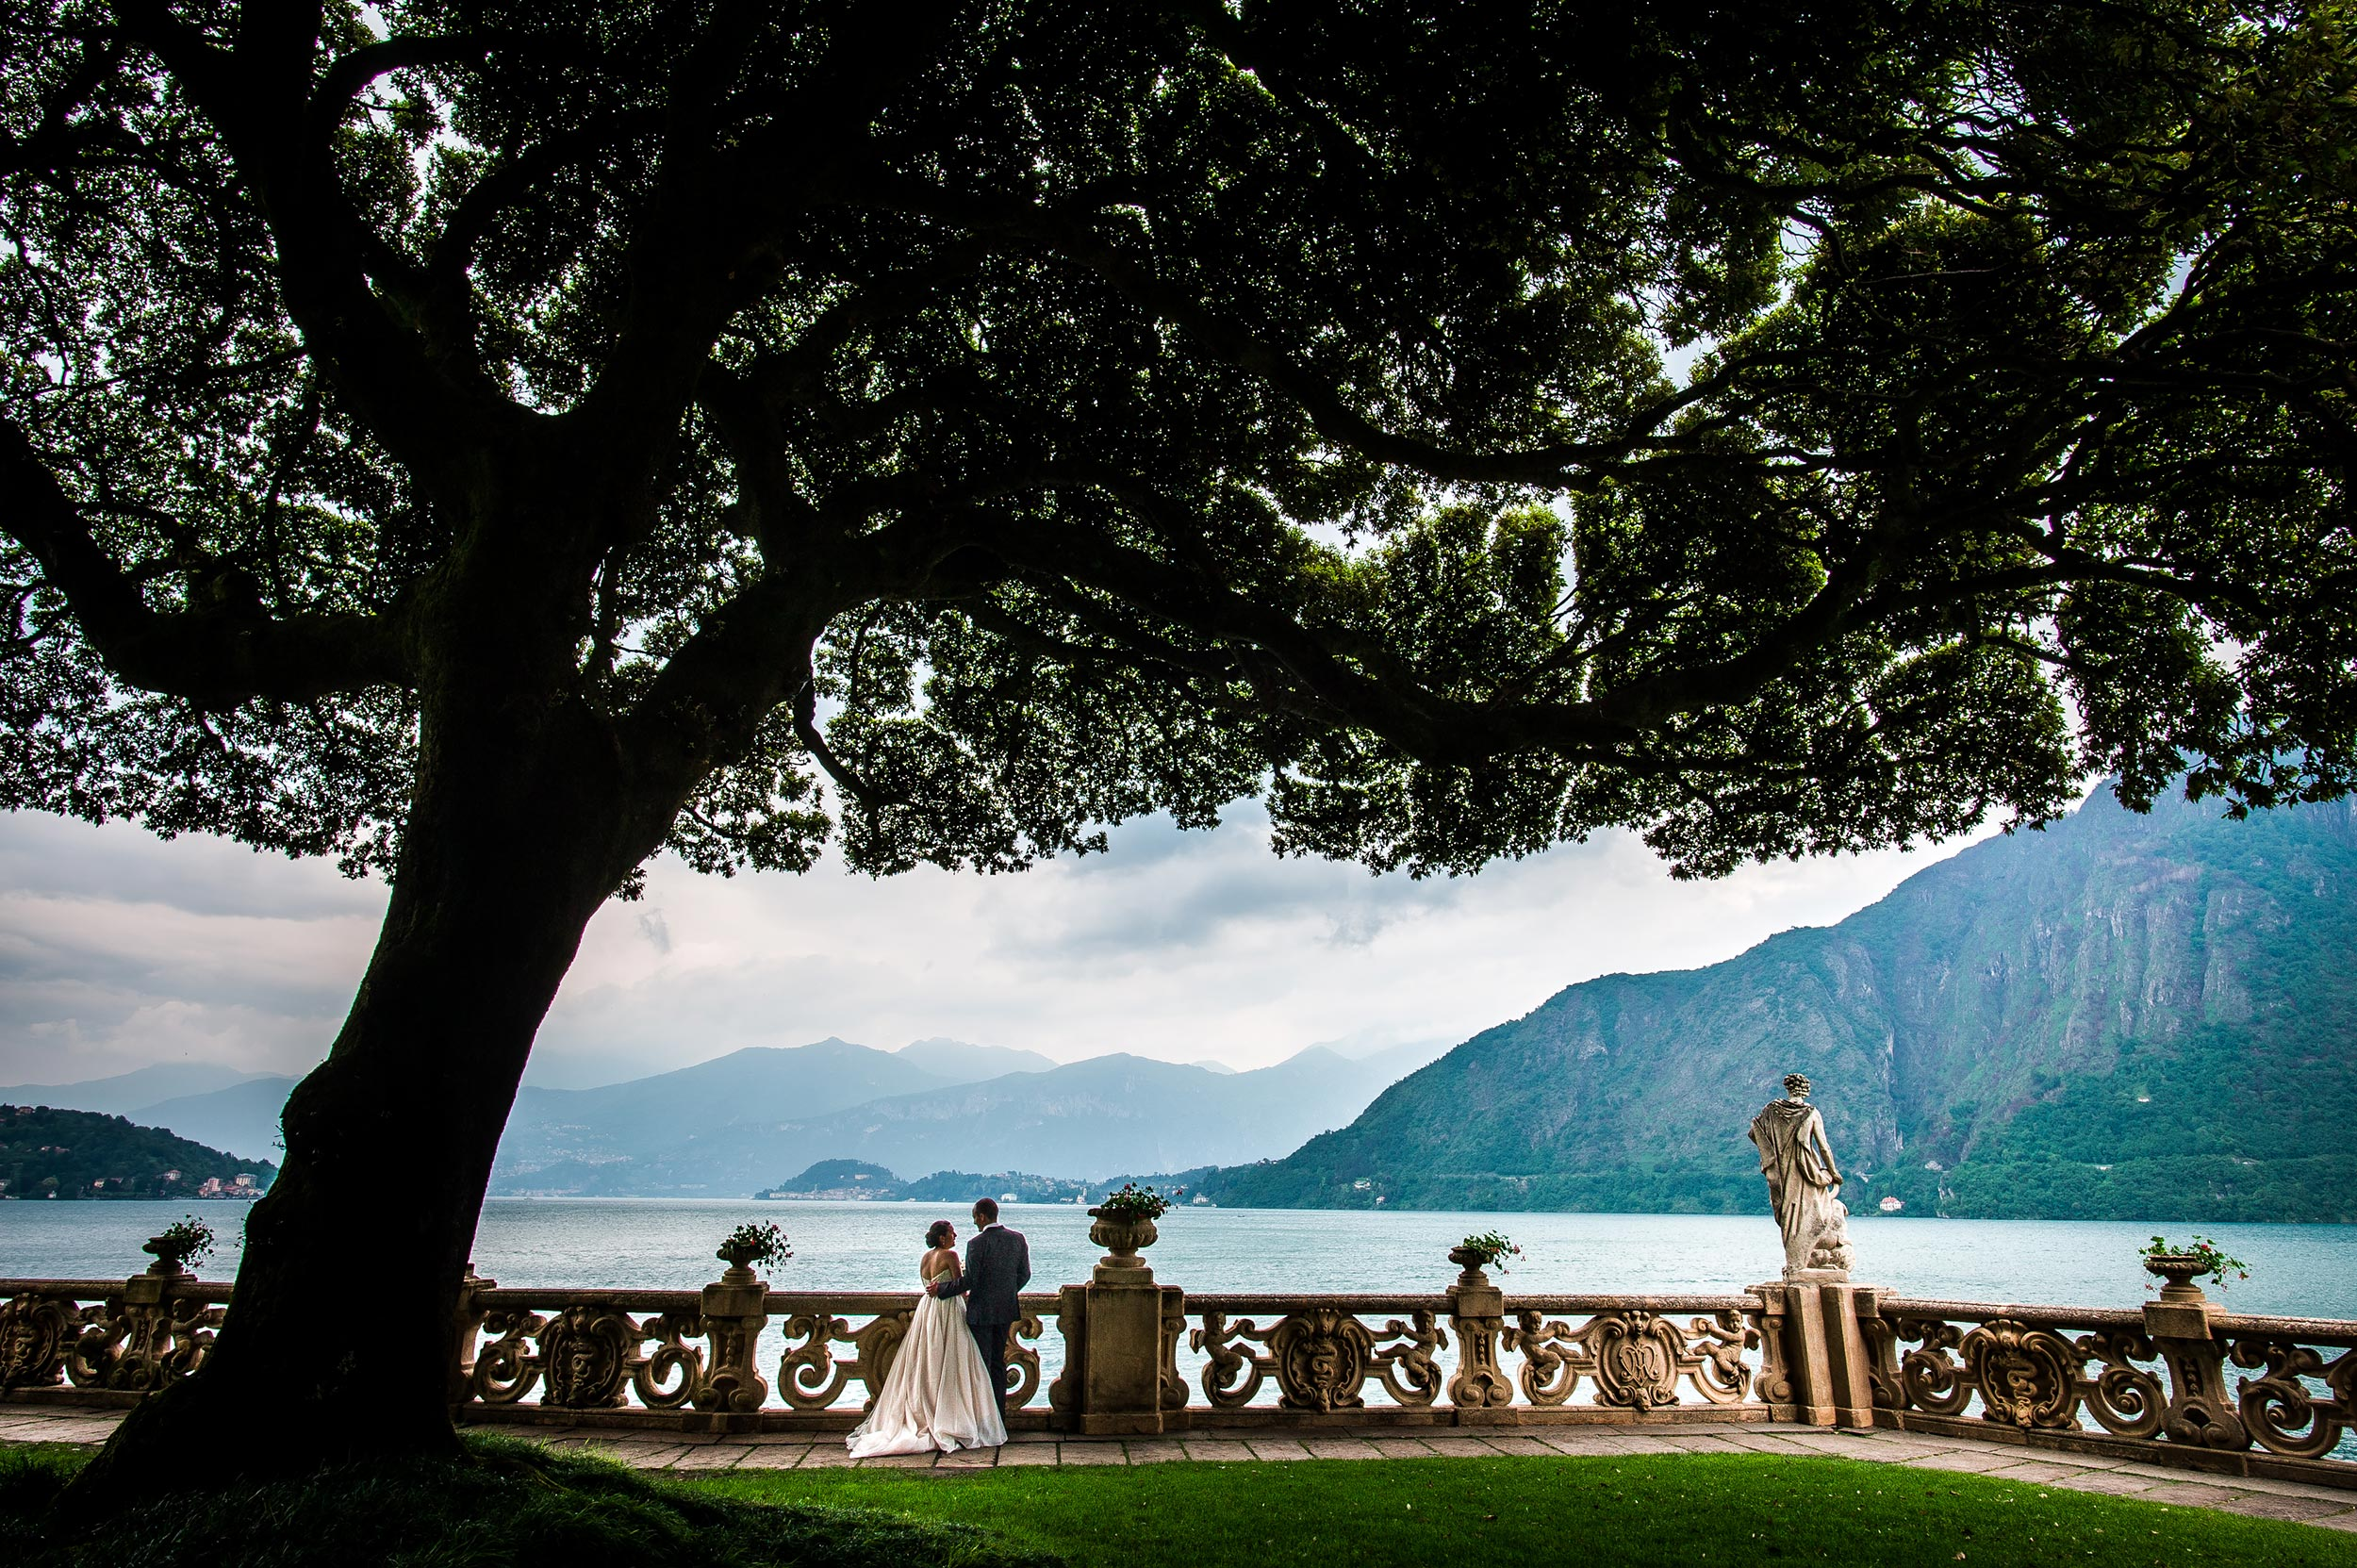 Charming Bellagio - Villa del Balbianello, Lake Como